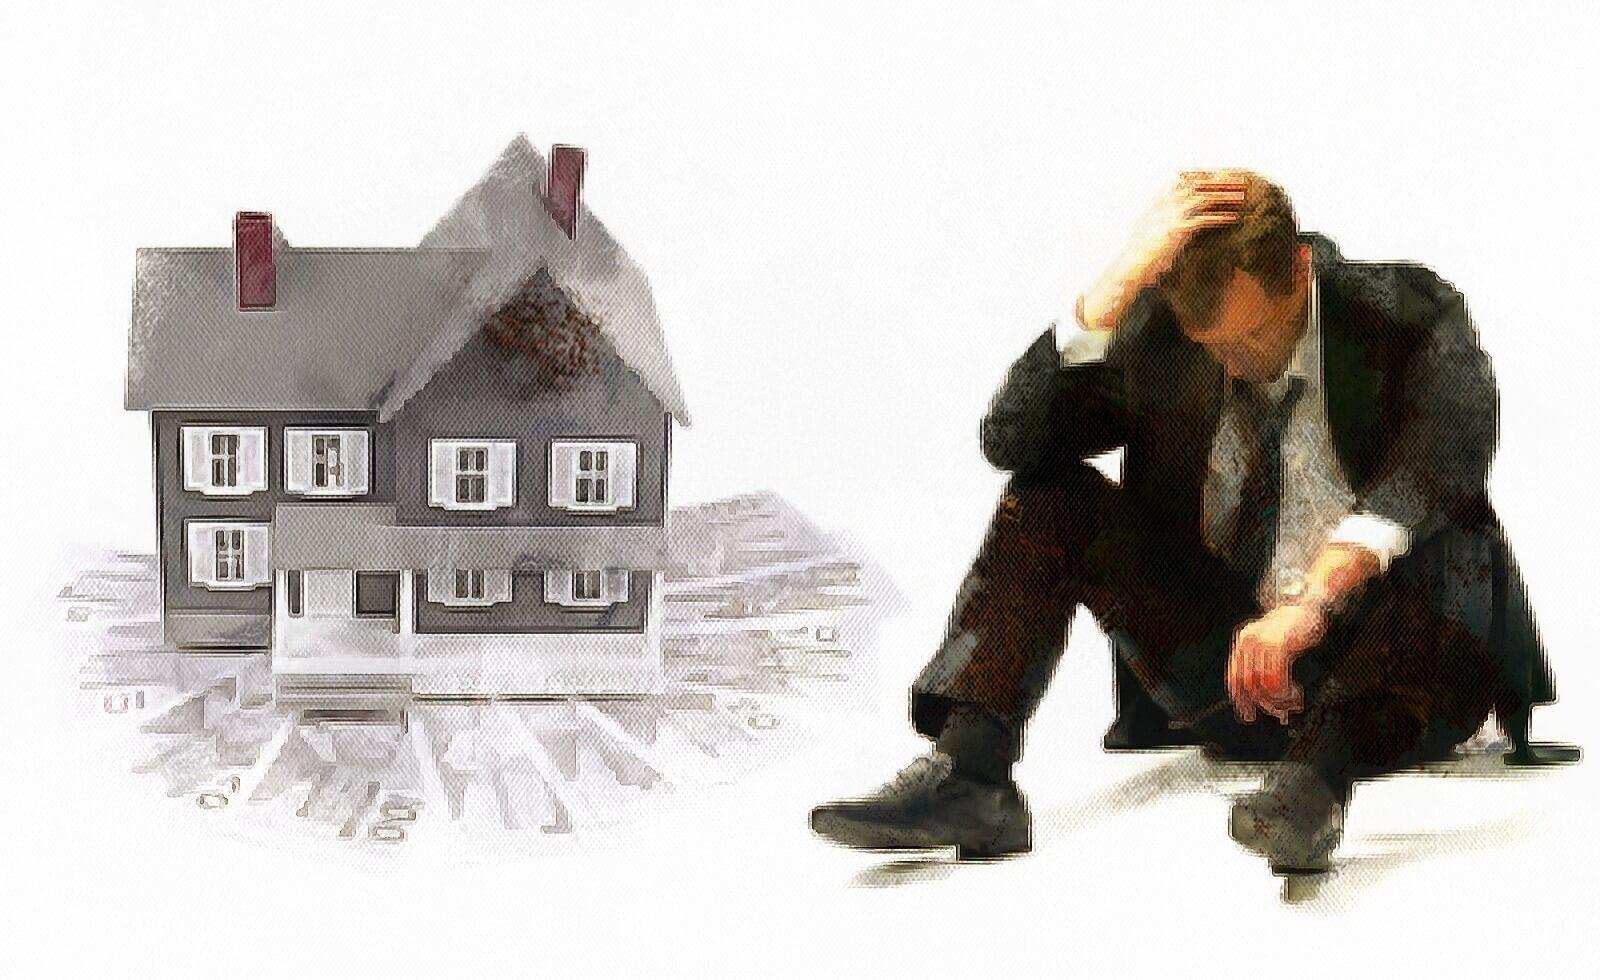 Сбербанк: просрочка по ипотеке, что будет и что делать?